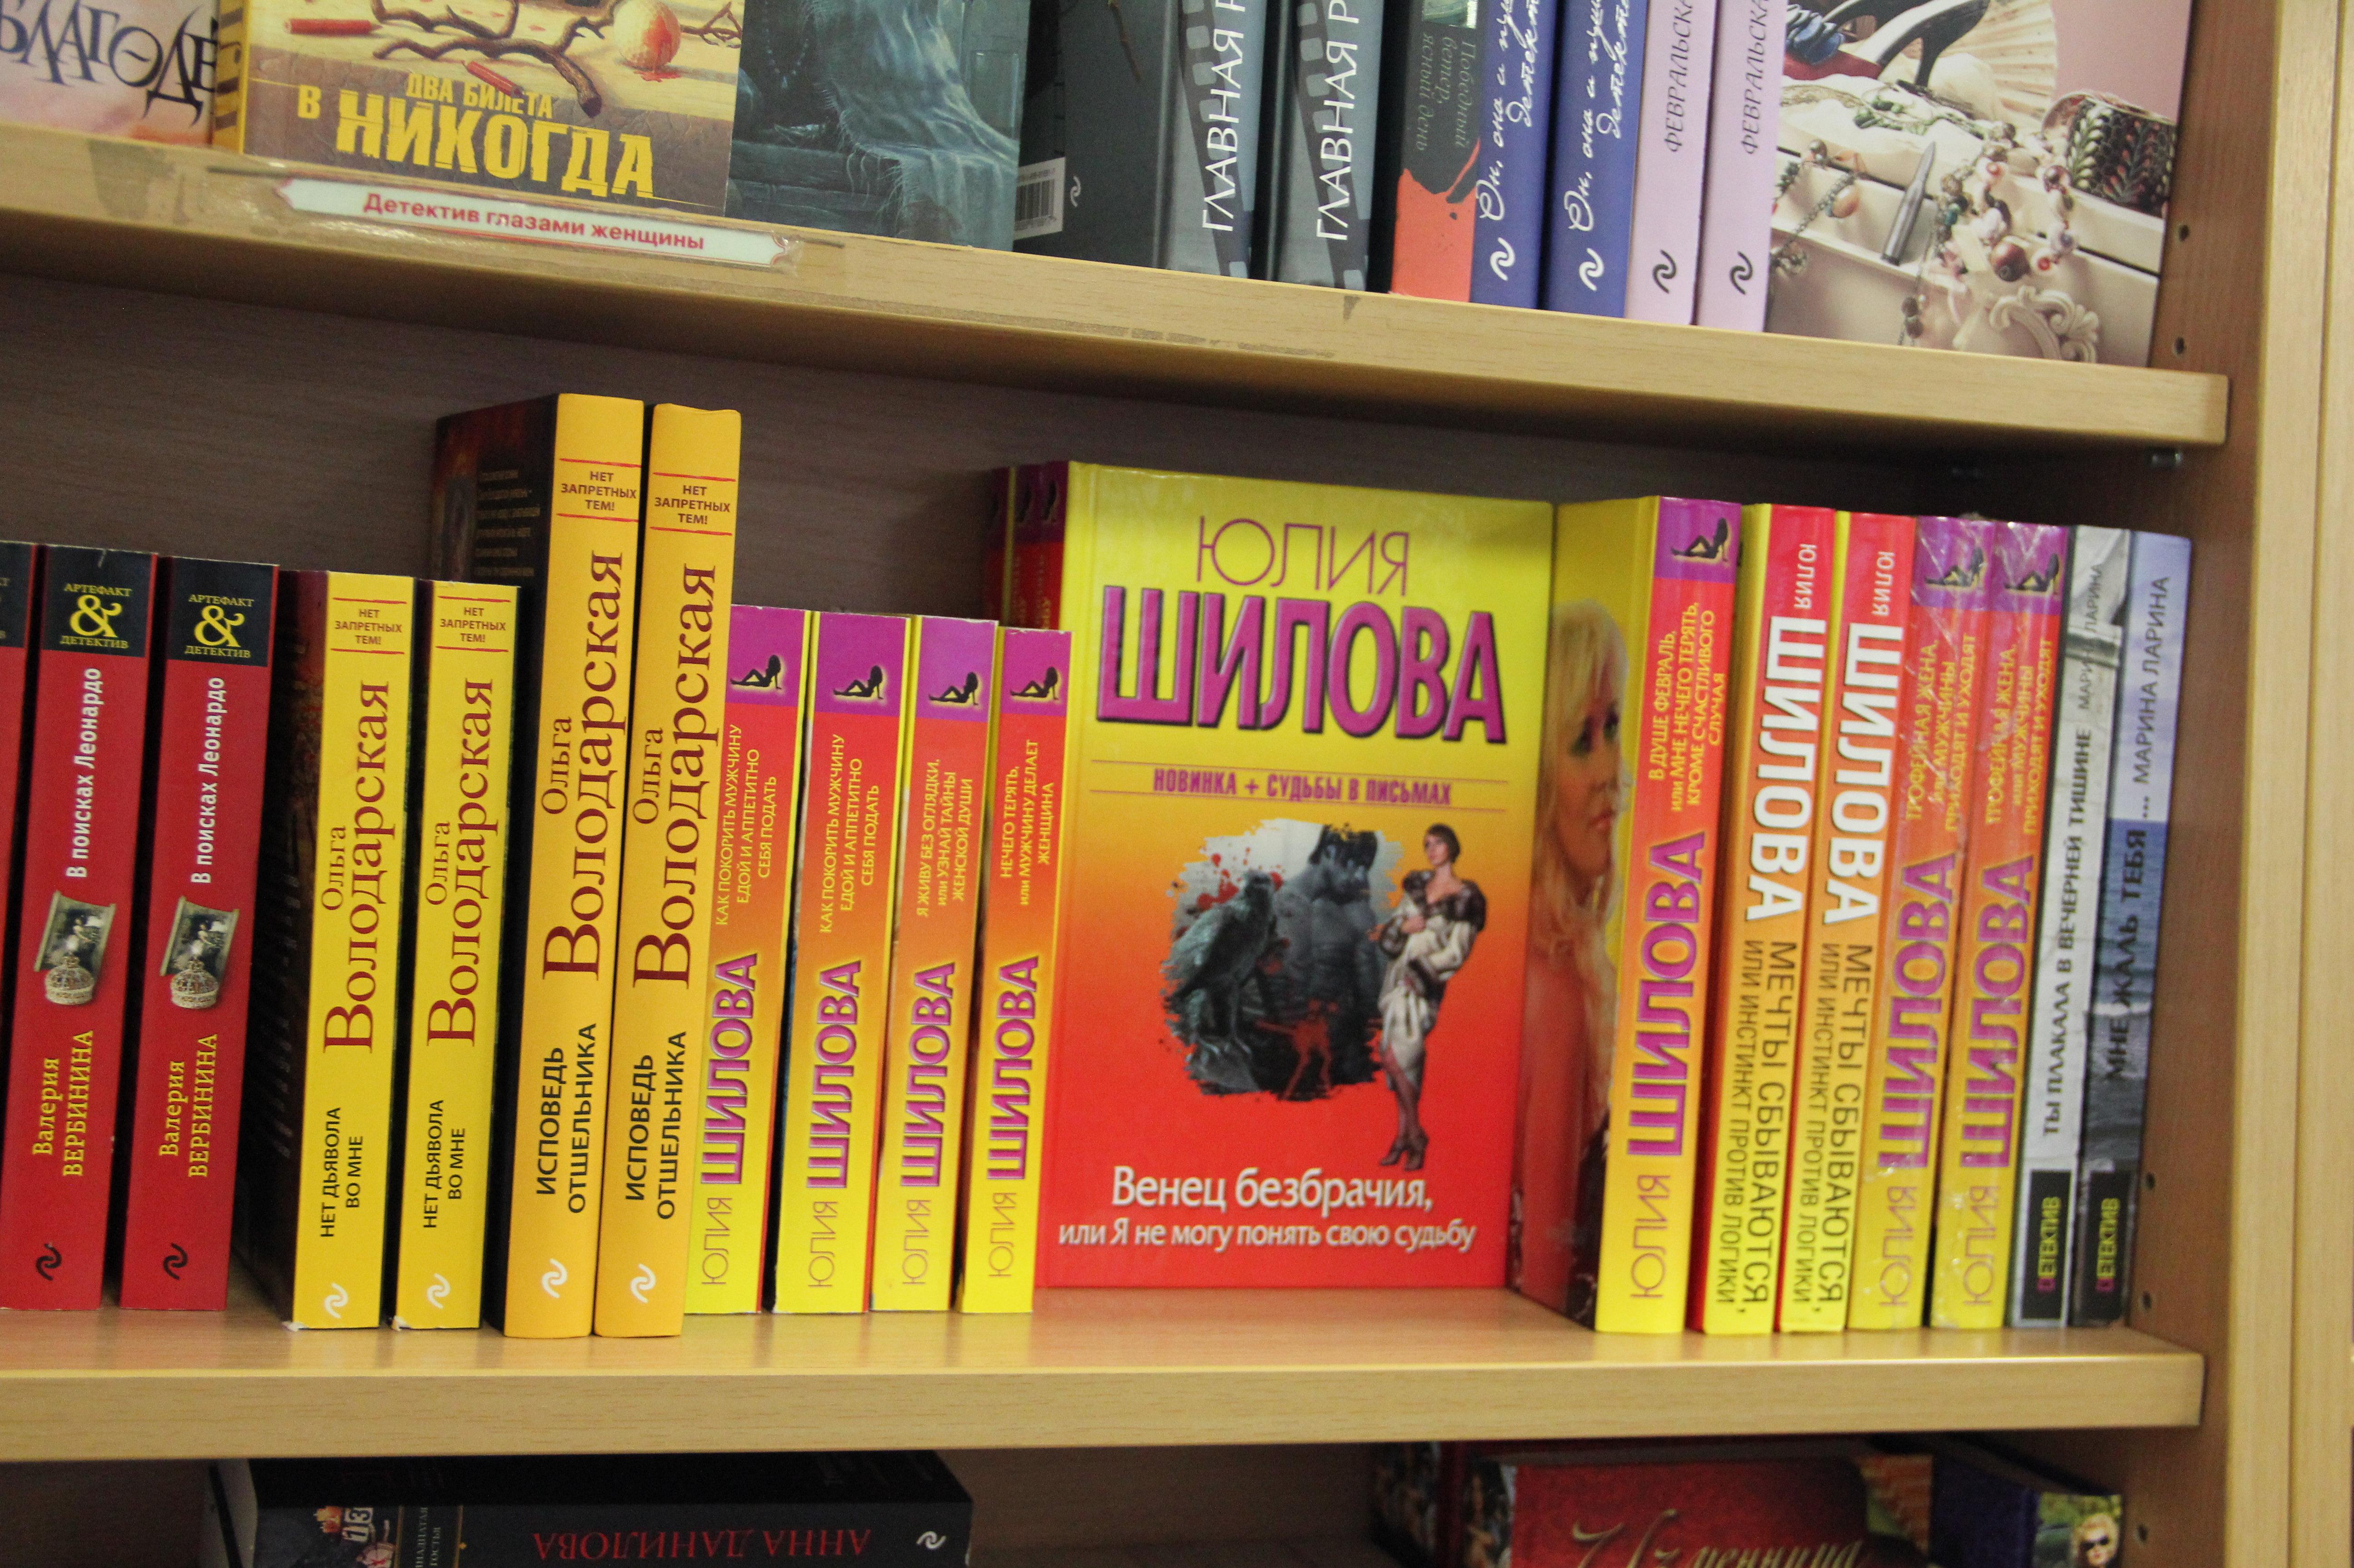 Книги звезды нулевых Юлии Шиловой сегодня практически не покупают